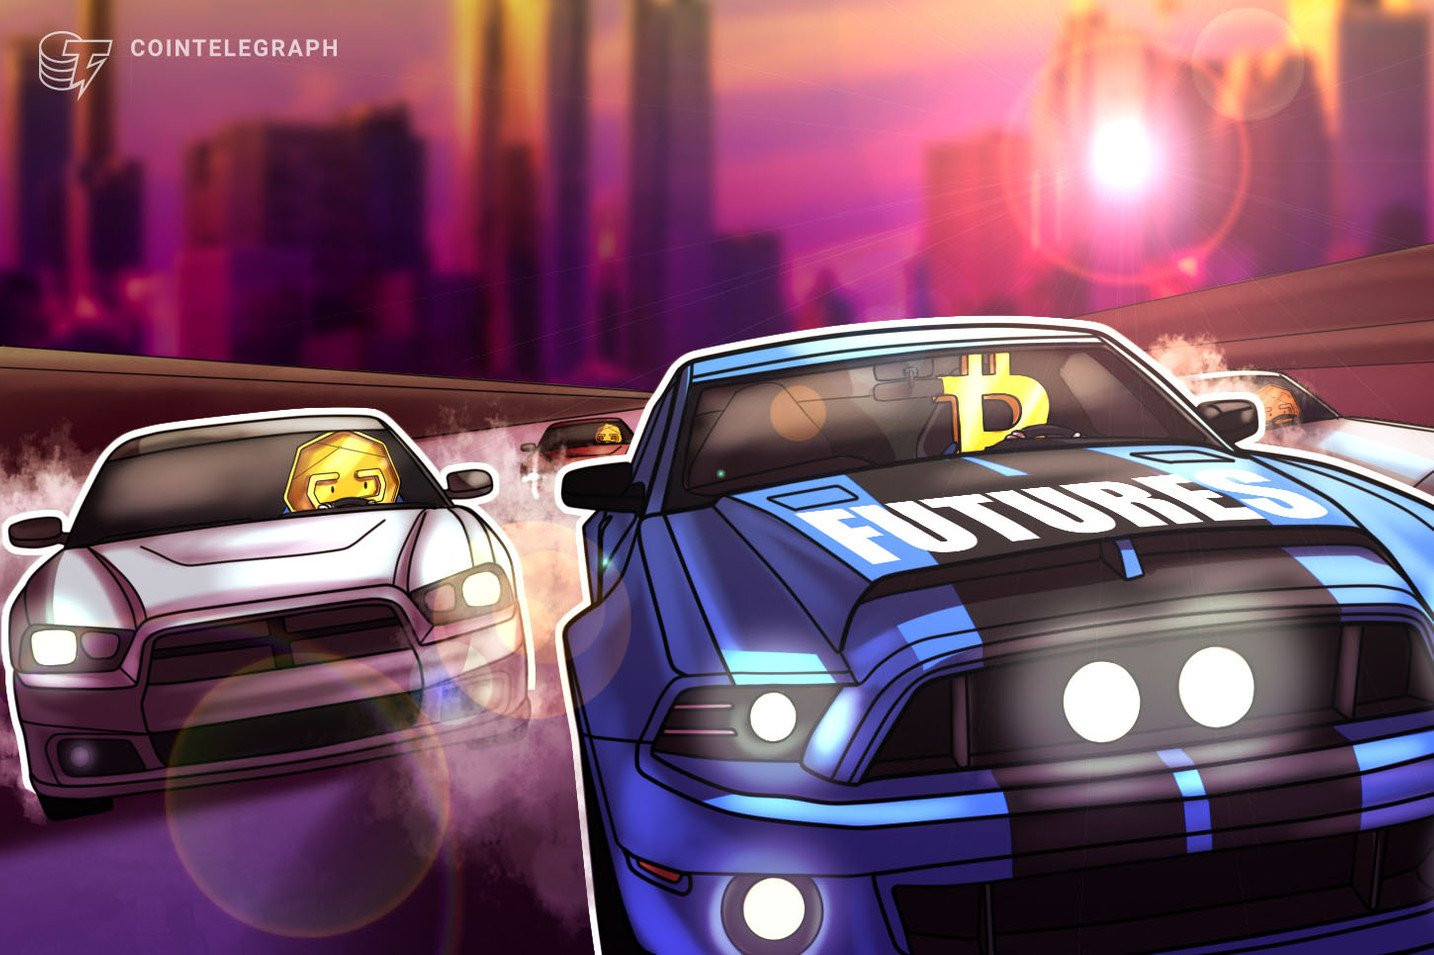 仮想通貨デリバティブ取引所FTX、ビットコインのハッシュレート先物を発表 | マイニング企業はリスクヘッジに期待